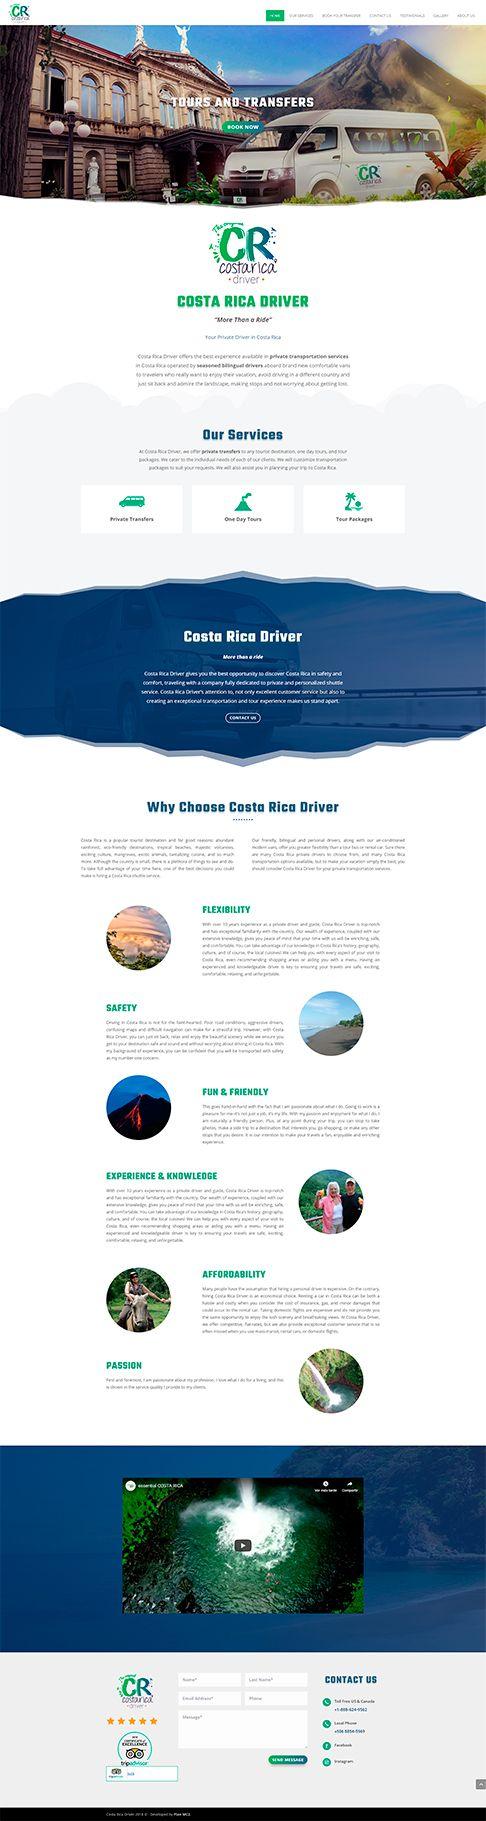 Costa Rica Driver sitio web